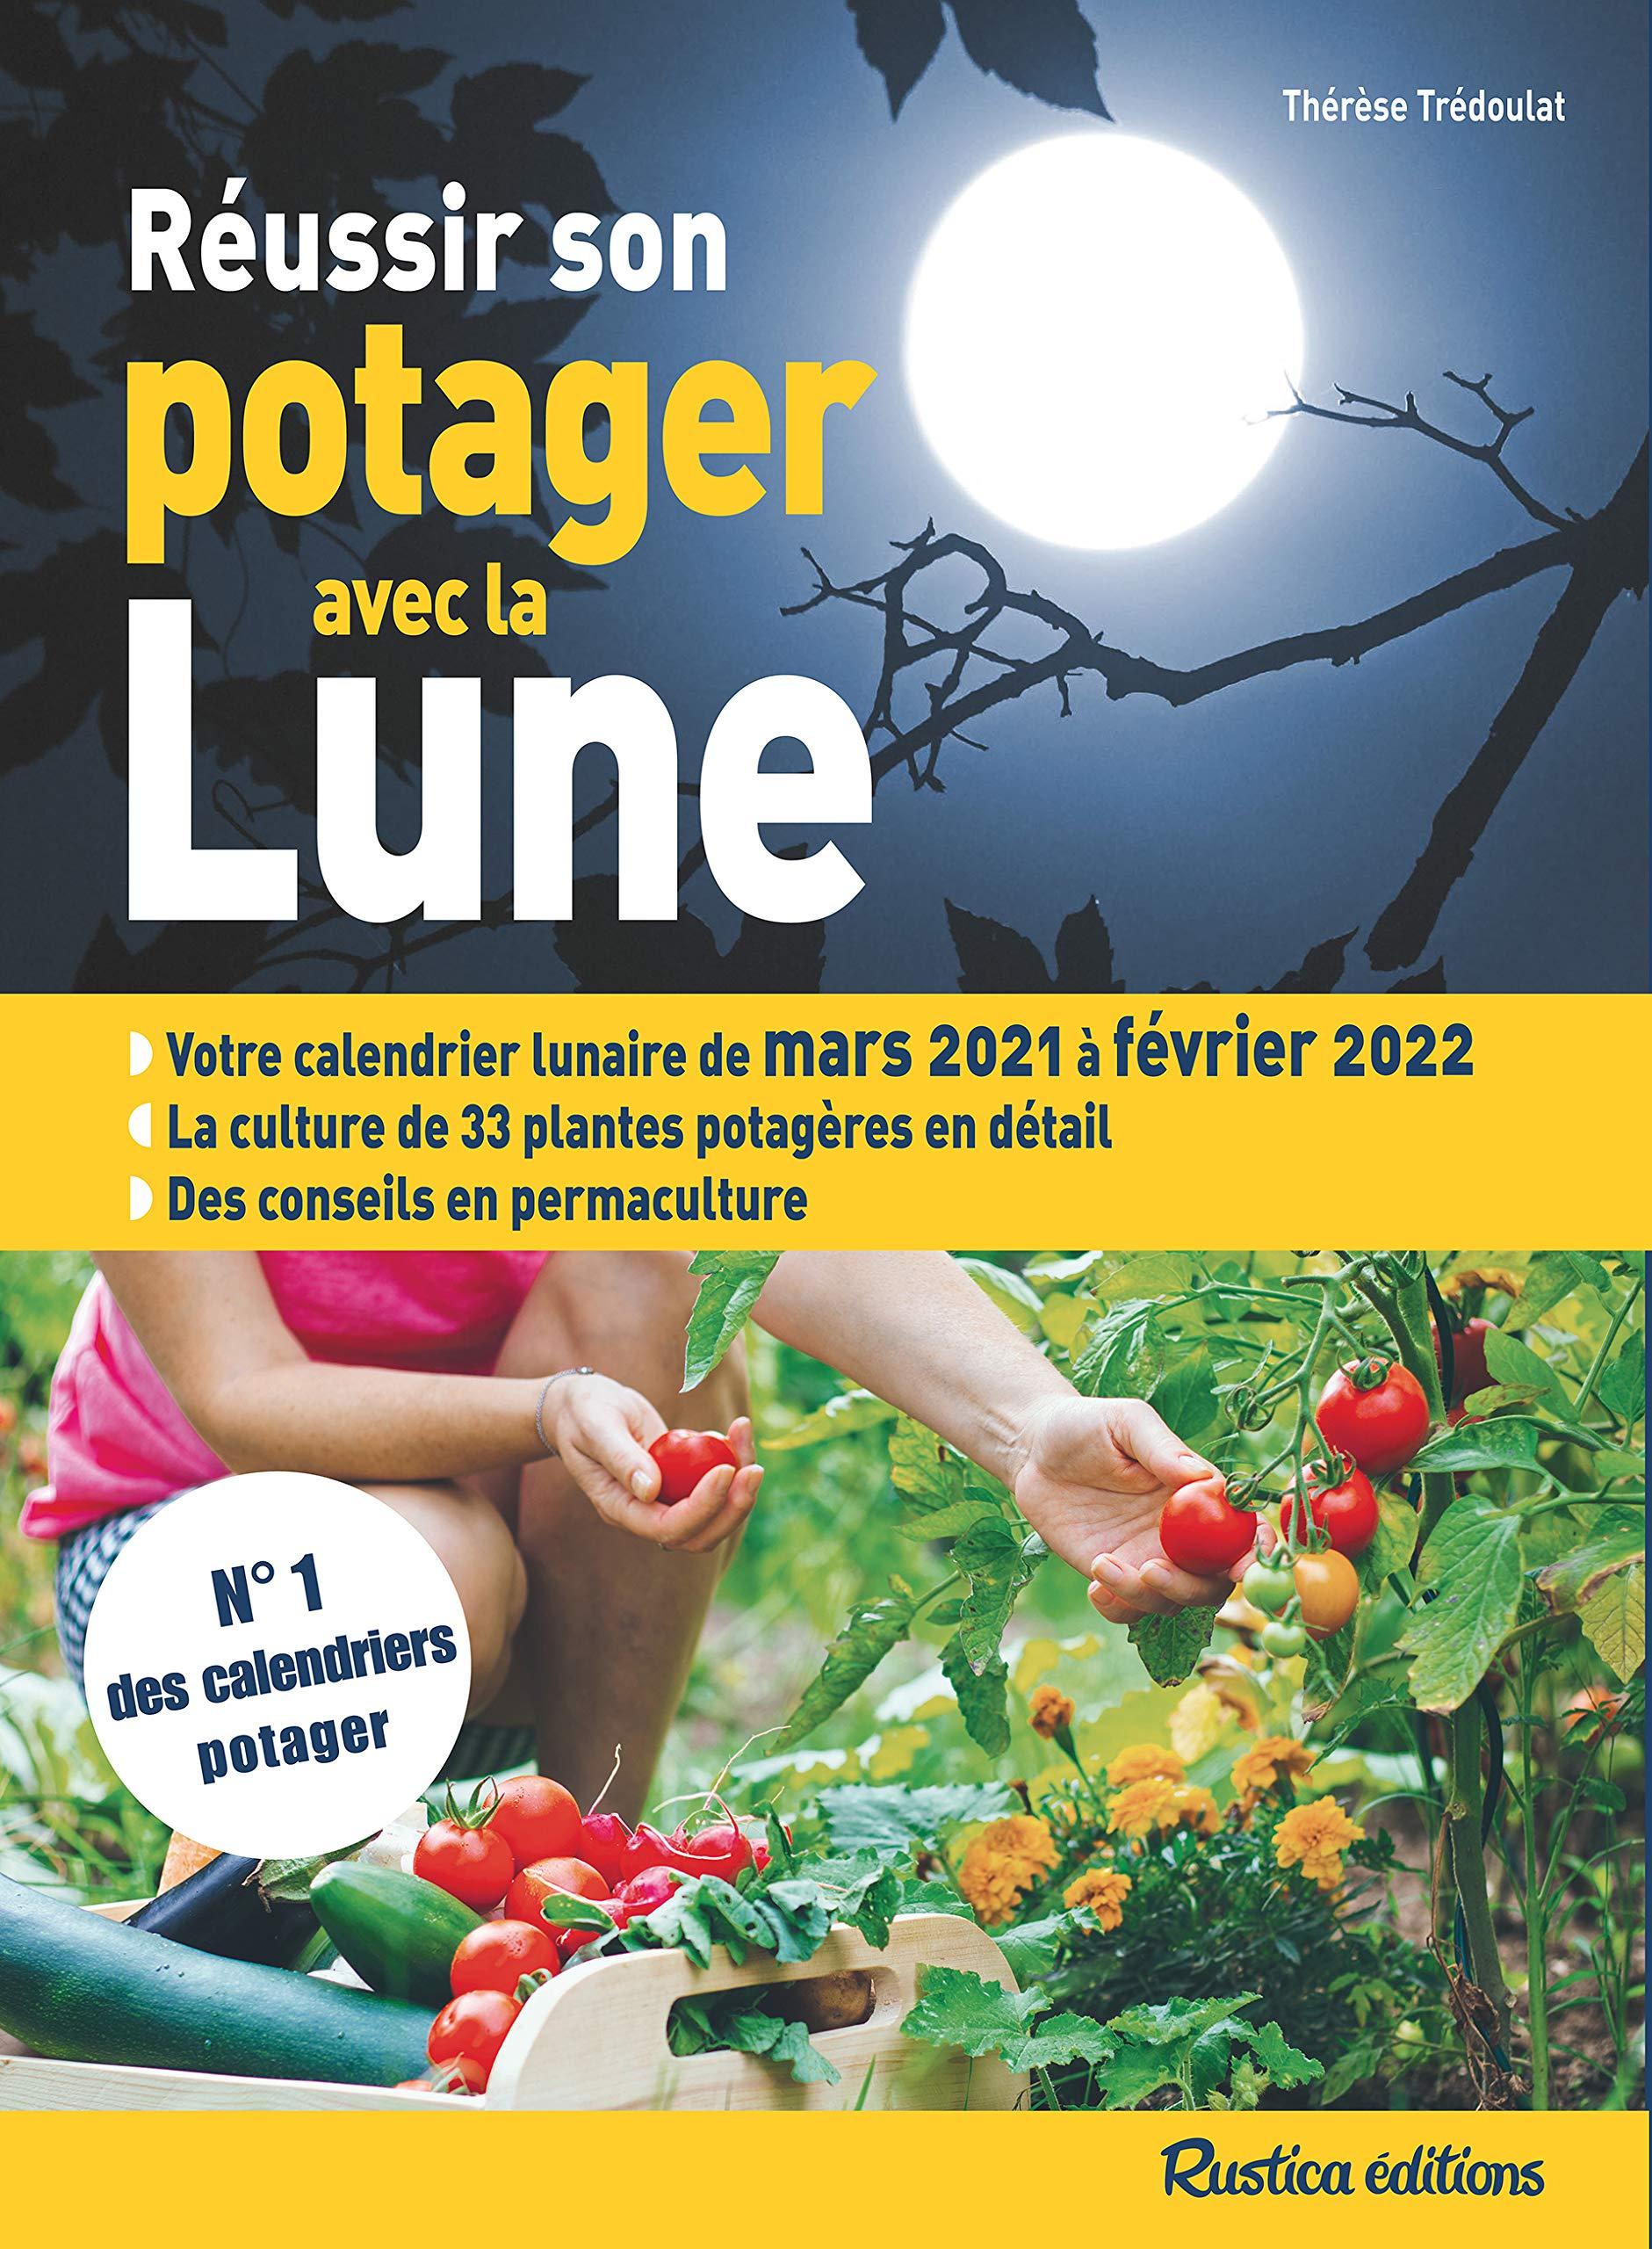 Calendrier Lunaire Potager 2022 Amazon.fr   Réussir son potager avec la lune 2021 2022   Trédoulat